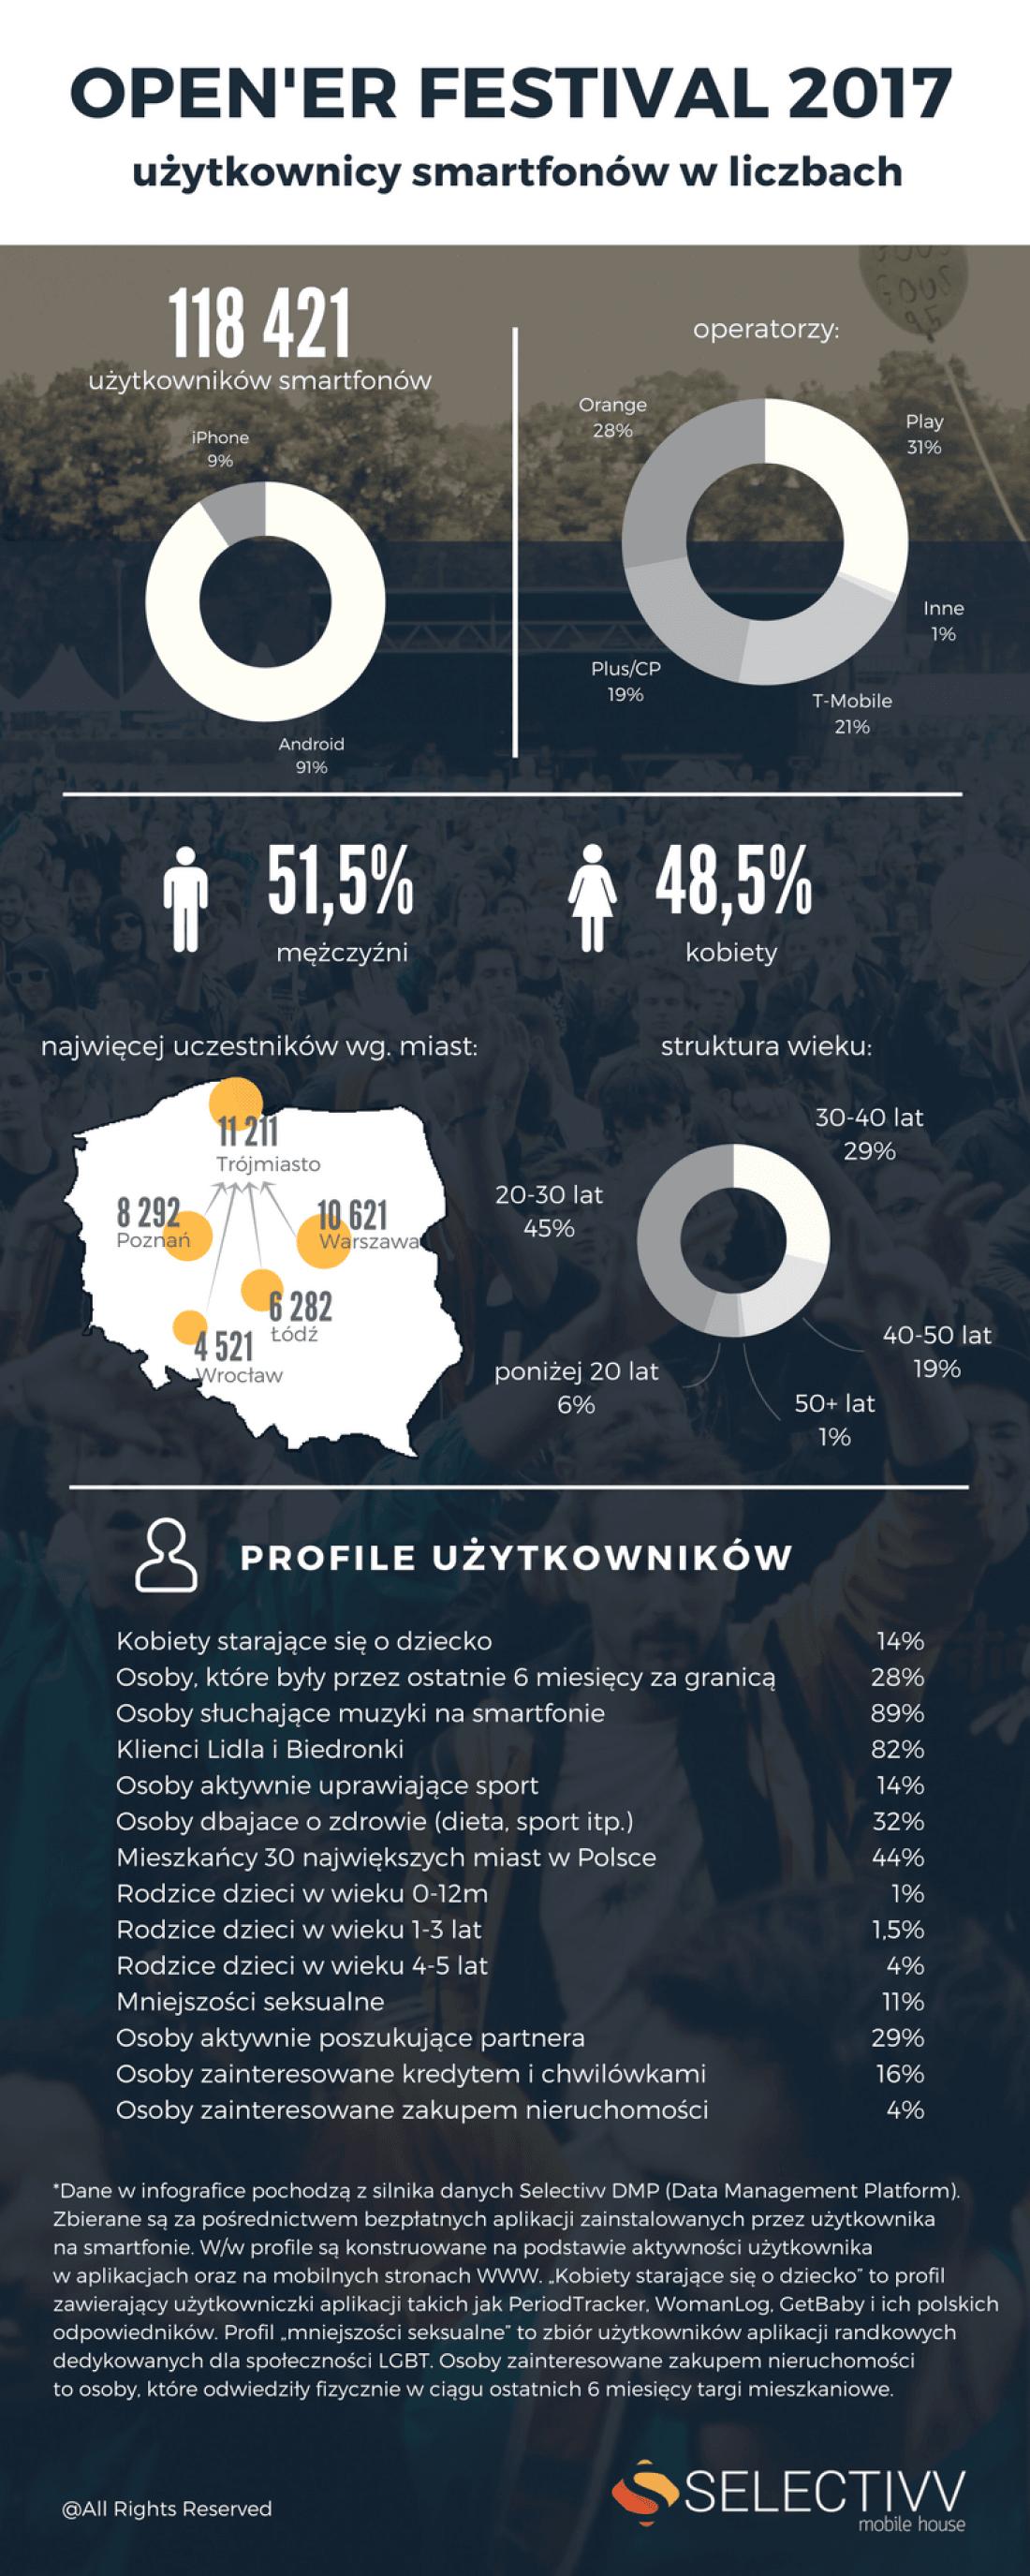 Tabletowo.pl Profilowanie w internecie, czyli jak każdy z nas płaci za darmowe usługi Bezpieczeństwo Ciekawostki Felietony Technologie